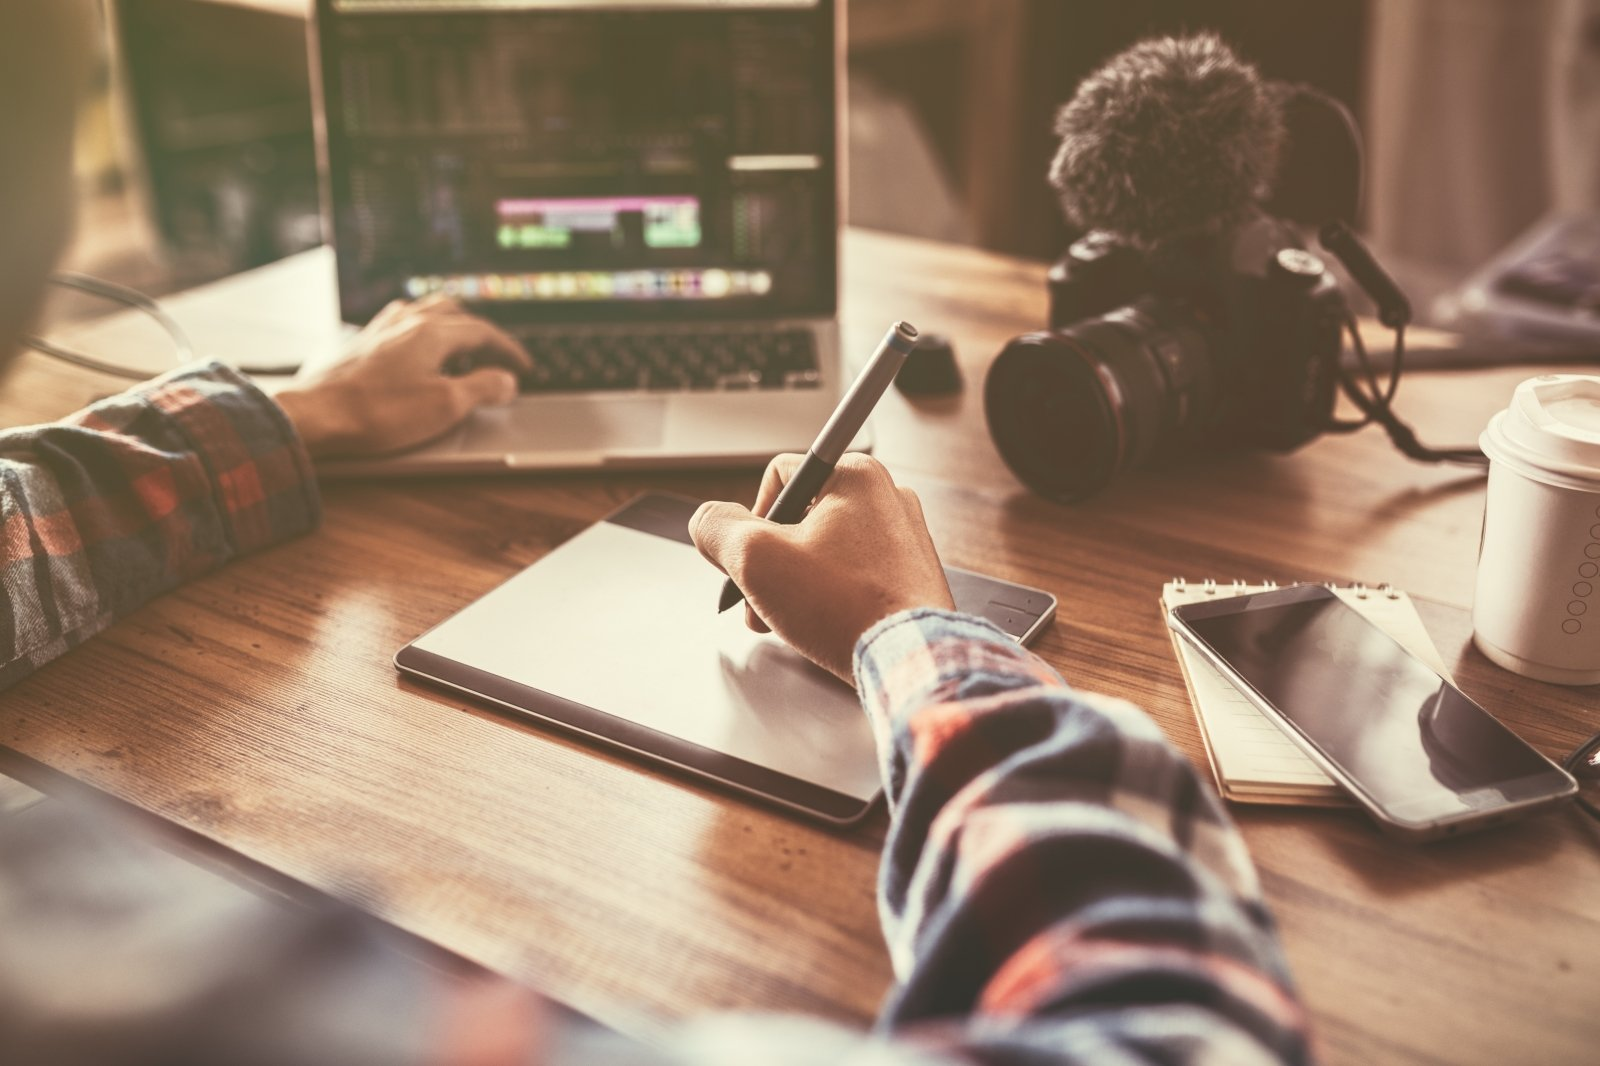 variantai geriausias laikas sukurti svetainę užsidirbti pinigų